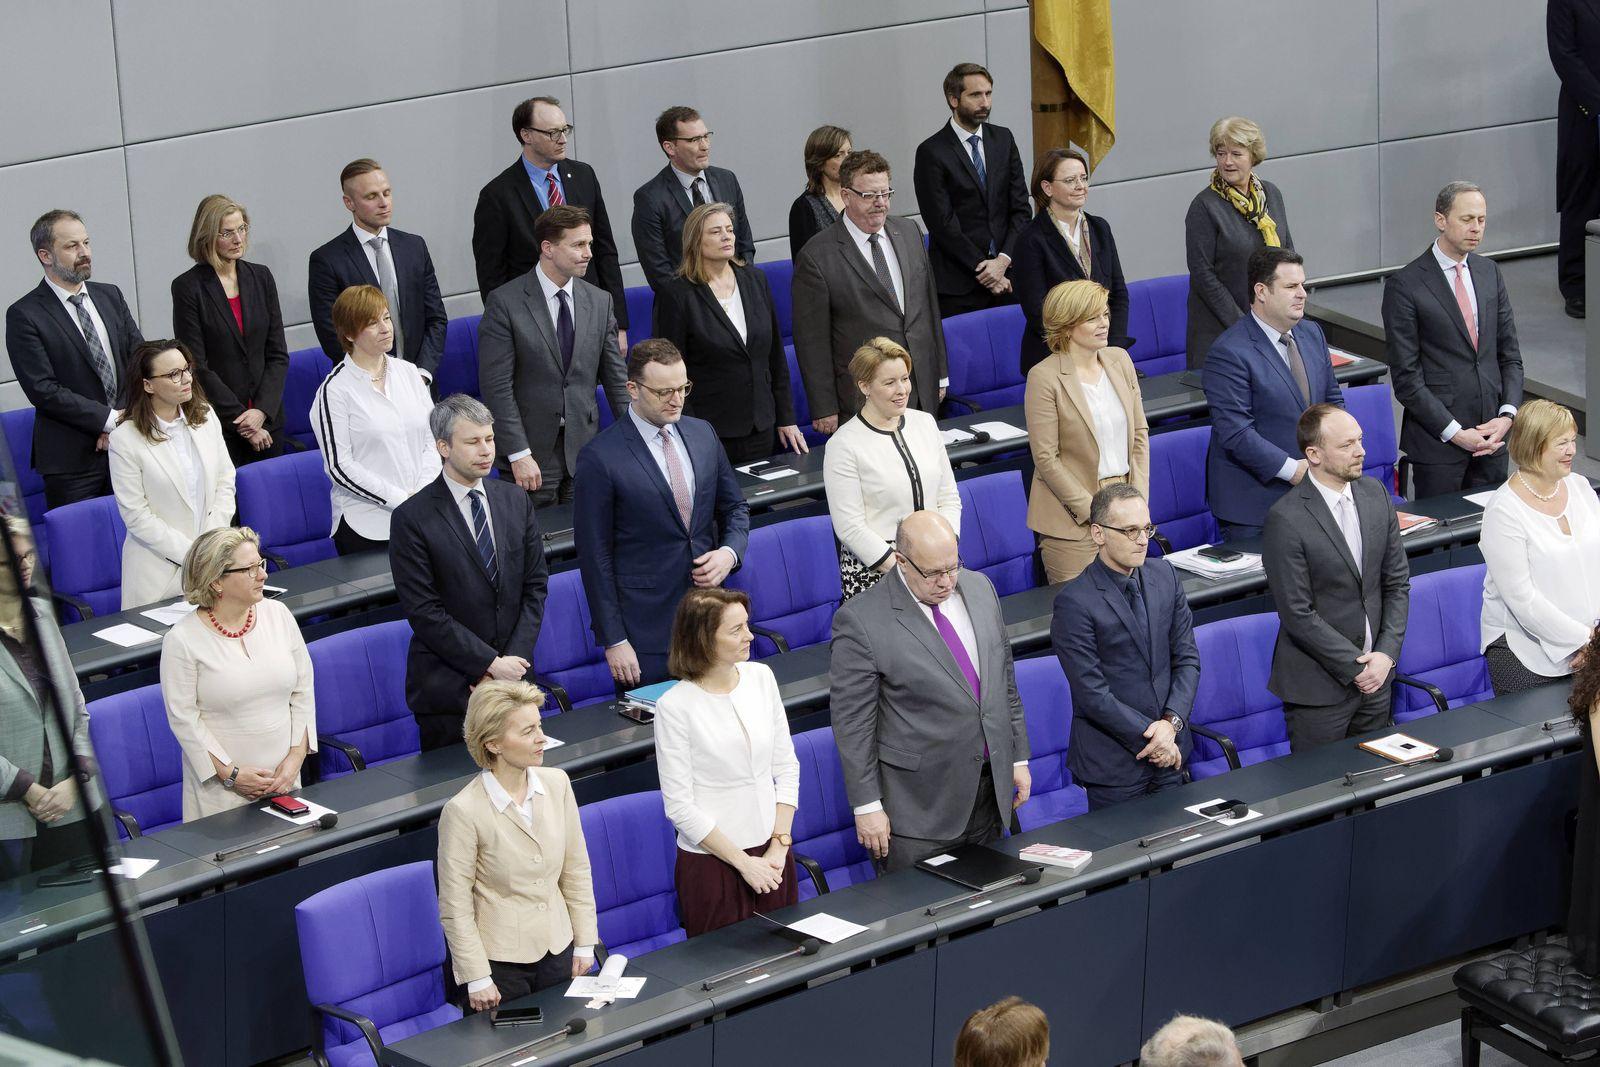 Bundestagsfeierstunde 100 Jahren Frauenwahlrecht 2019-01-17, Berlin, Deutschland - Feierstunde des Deutschen Bundestags